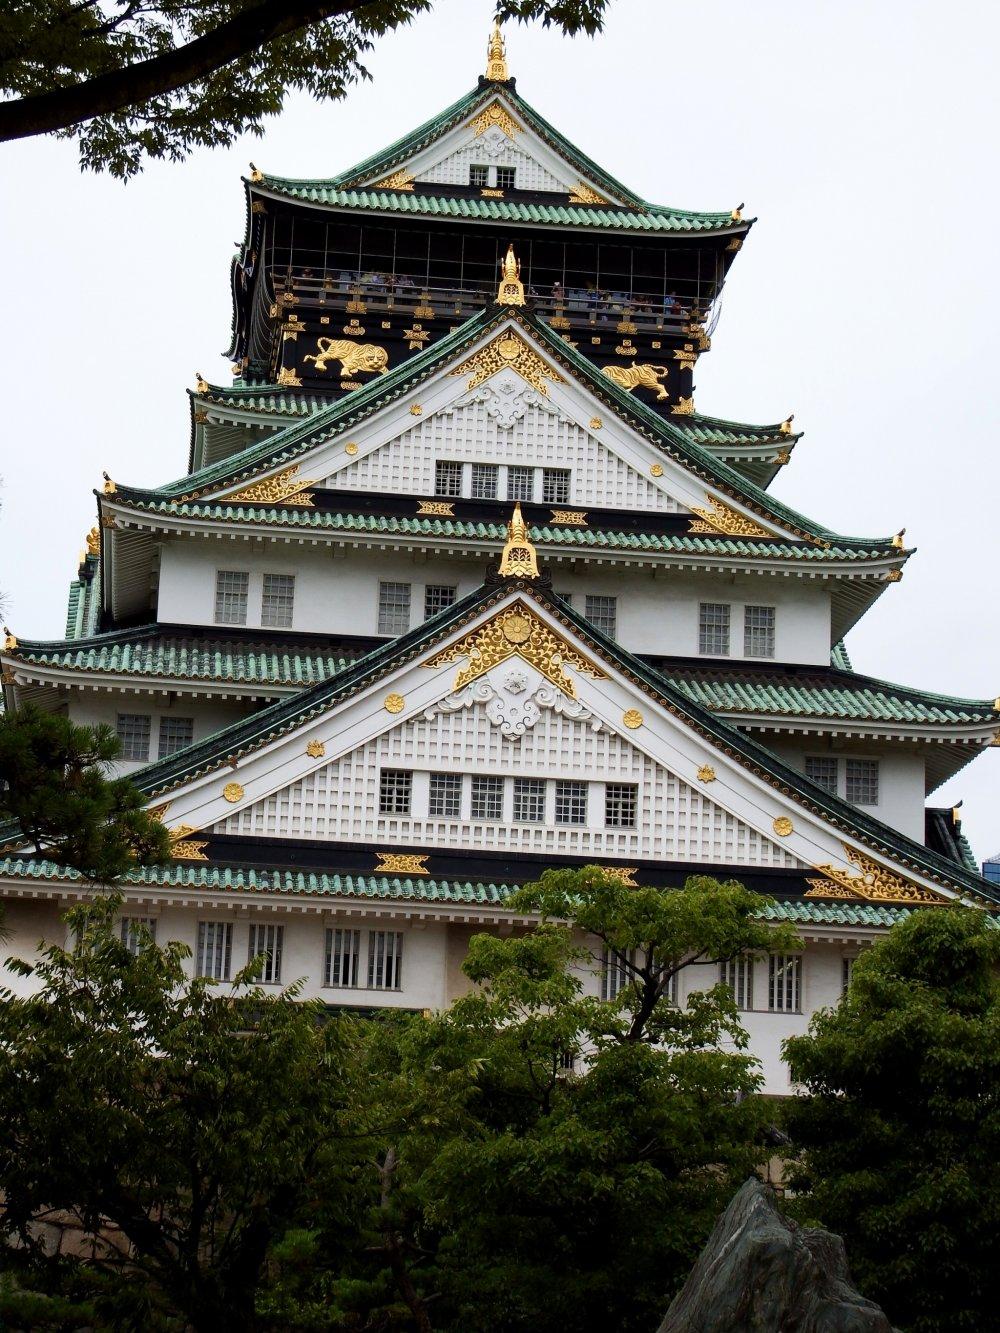 ついに大阪城天守閣正面に到着だ。この豪勢なお城をまじまじと良く見てみよう・・・